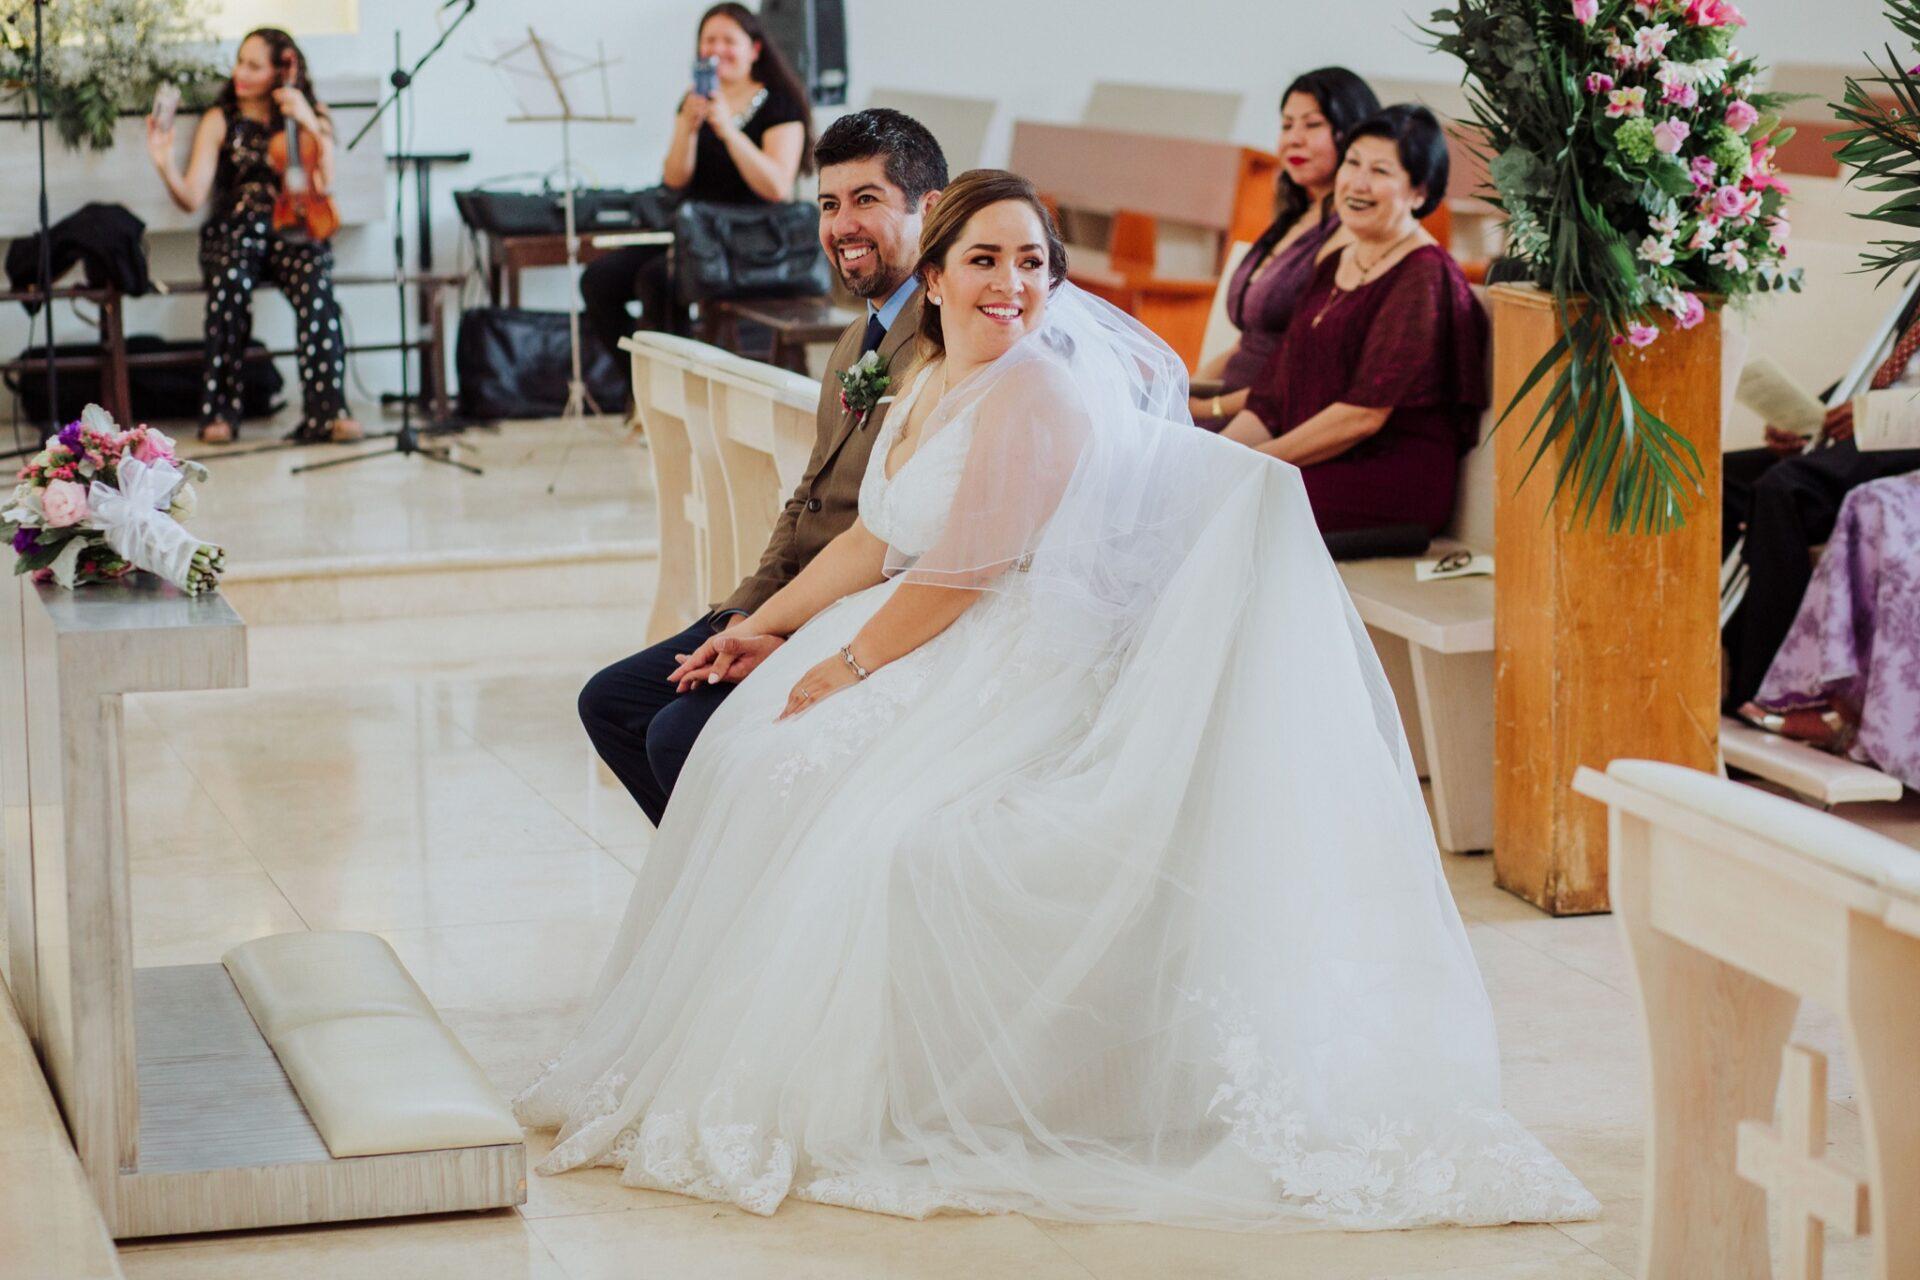 javier_noriega_fotografo_bodas_los_gaviones_zacatecas_wedding_photographer5